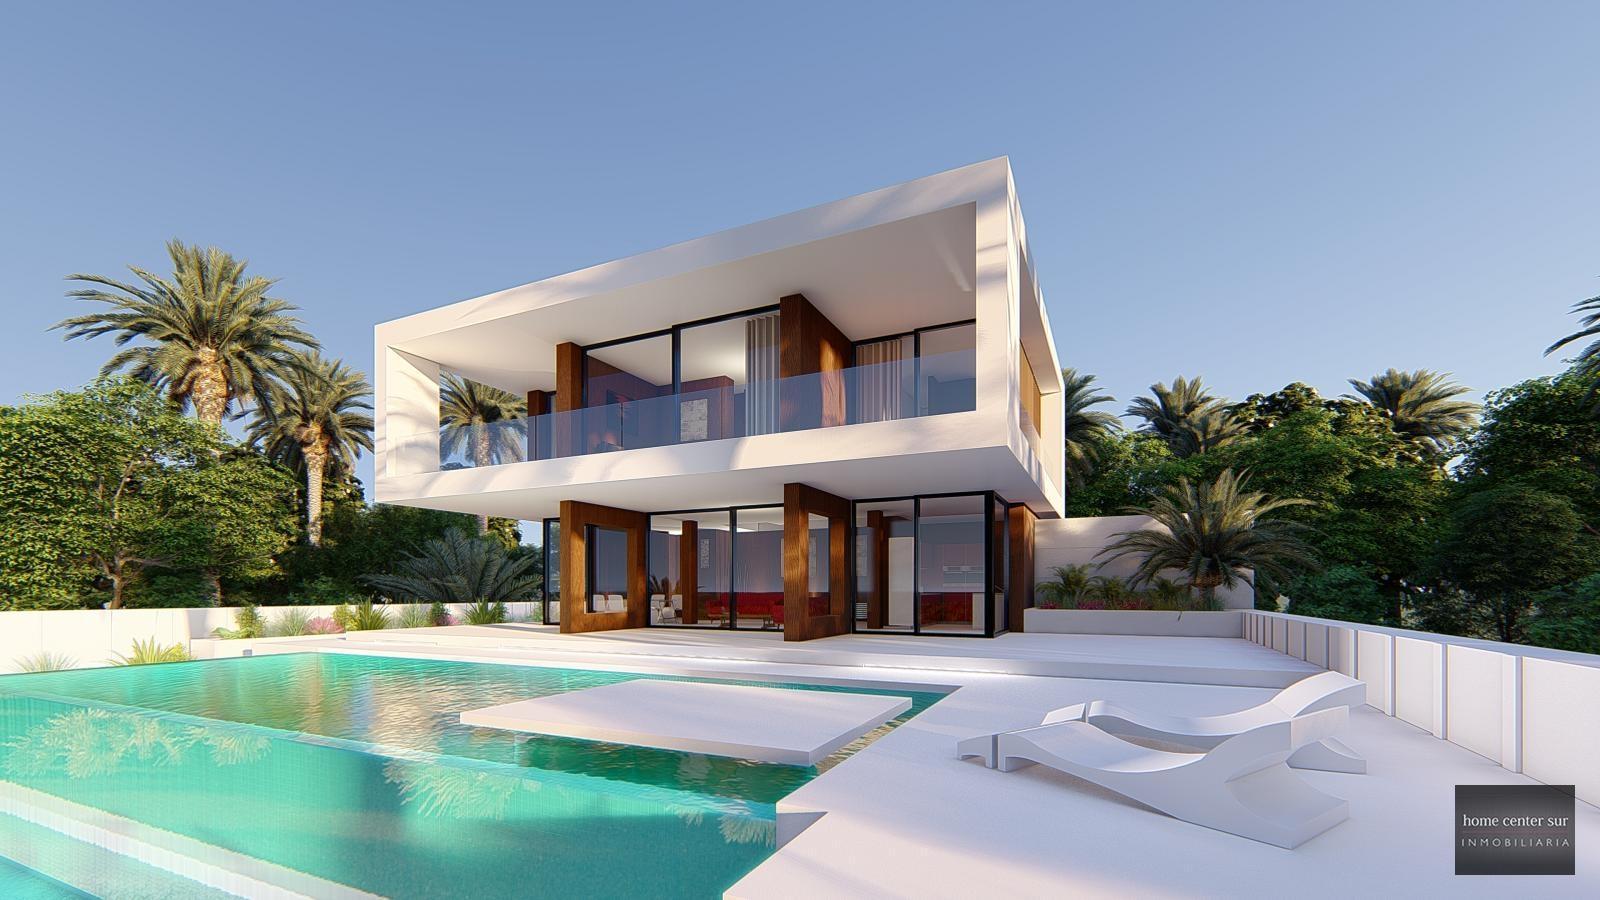 Villa de Lujo en venta en Calle el Salvador 274- (Estepona), 650.000 €